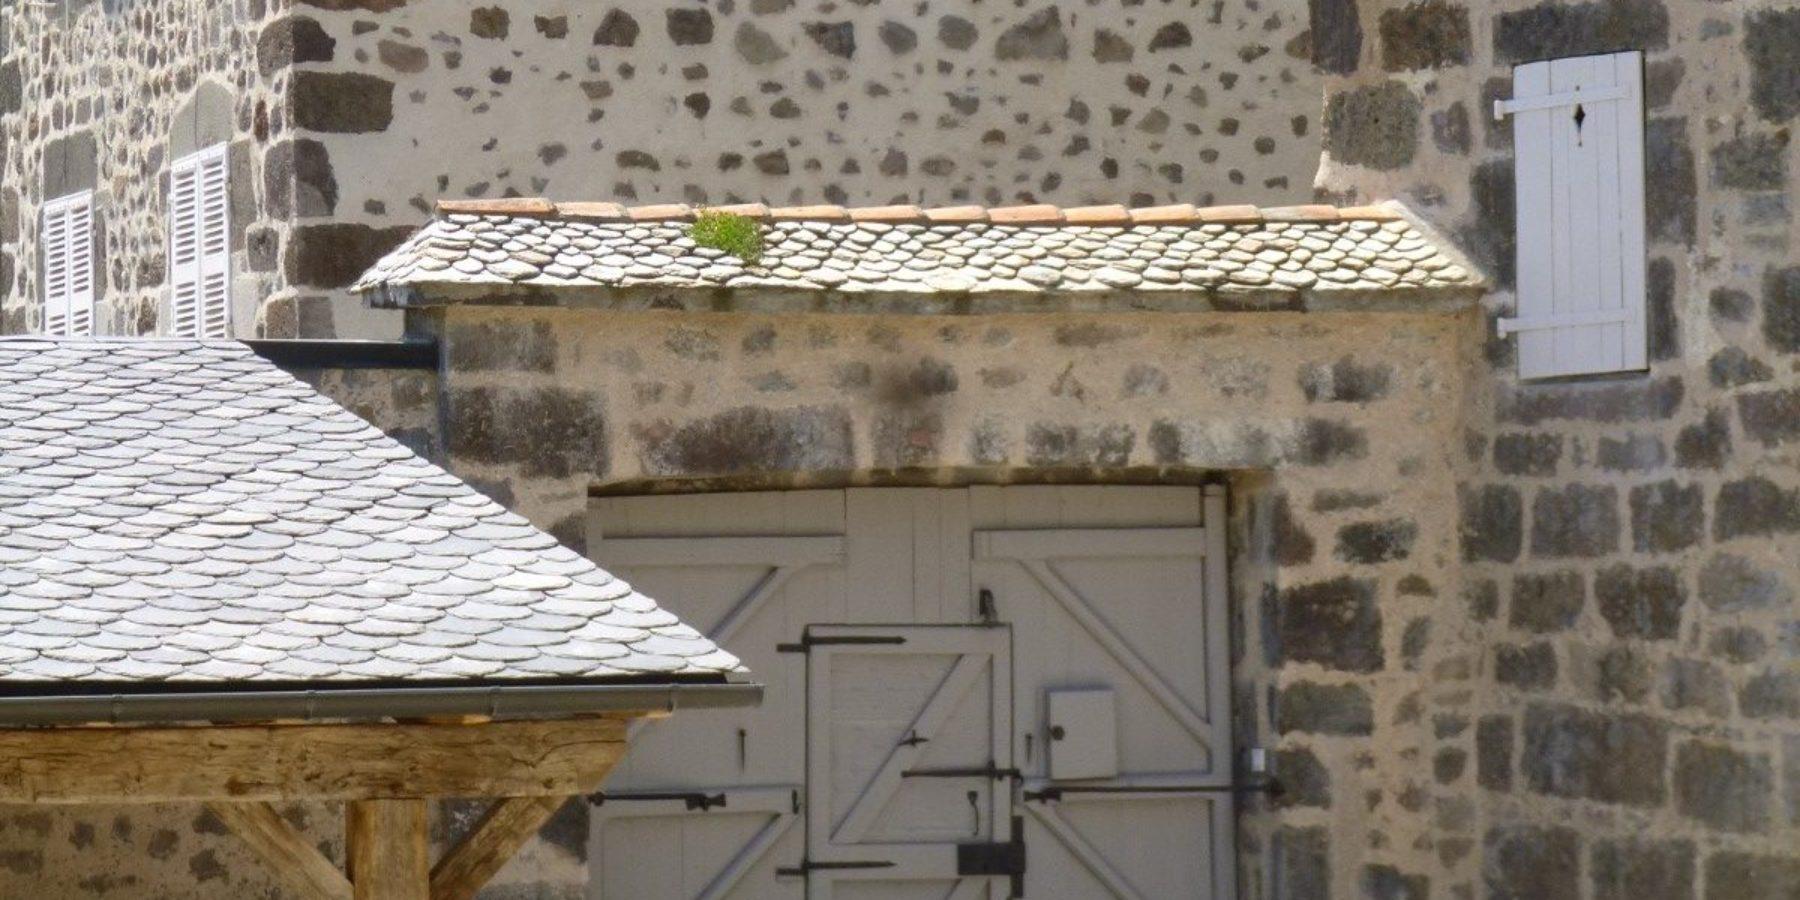 Portail de la Maison du Chevalier des Huttes à Vic sur Cère (Auvergne, Cantal, France)